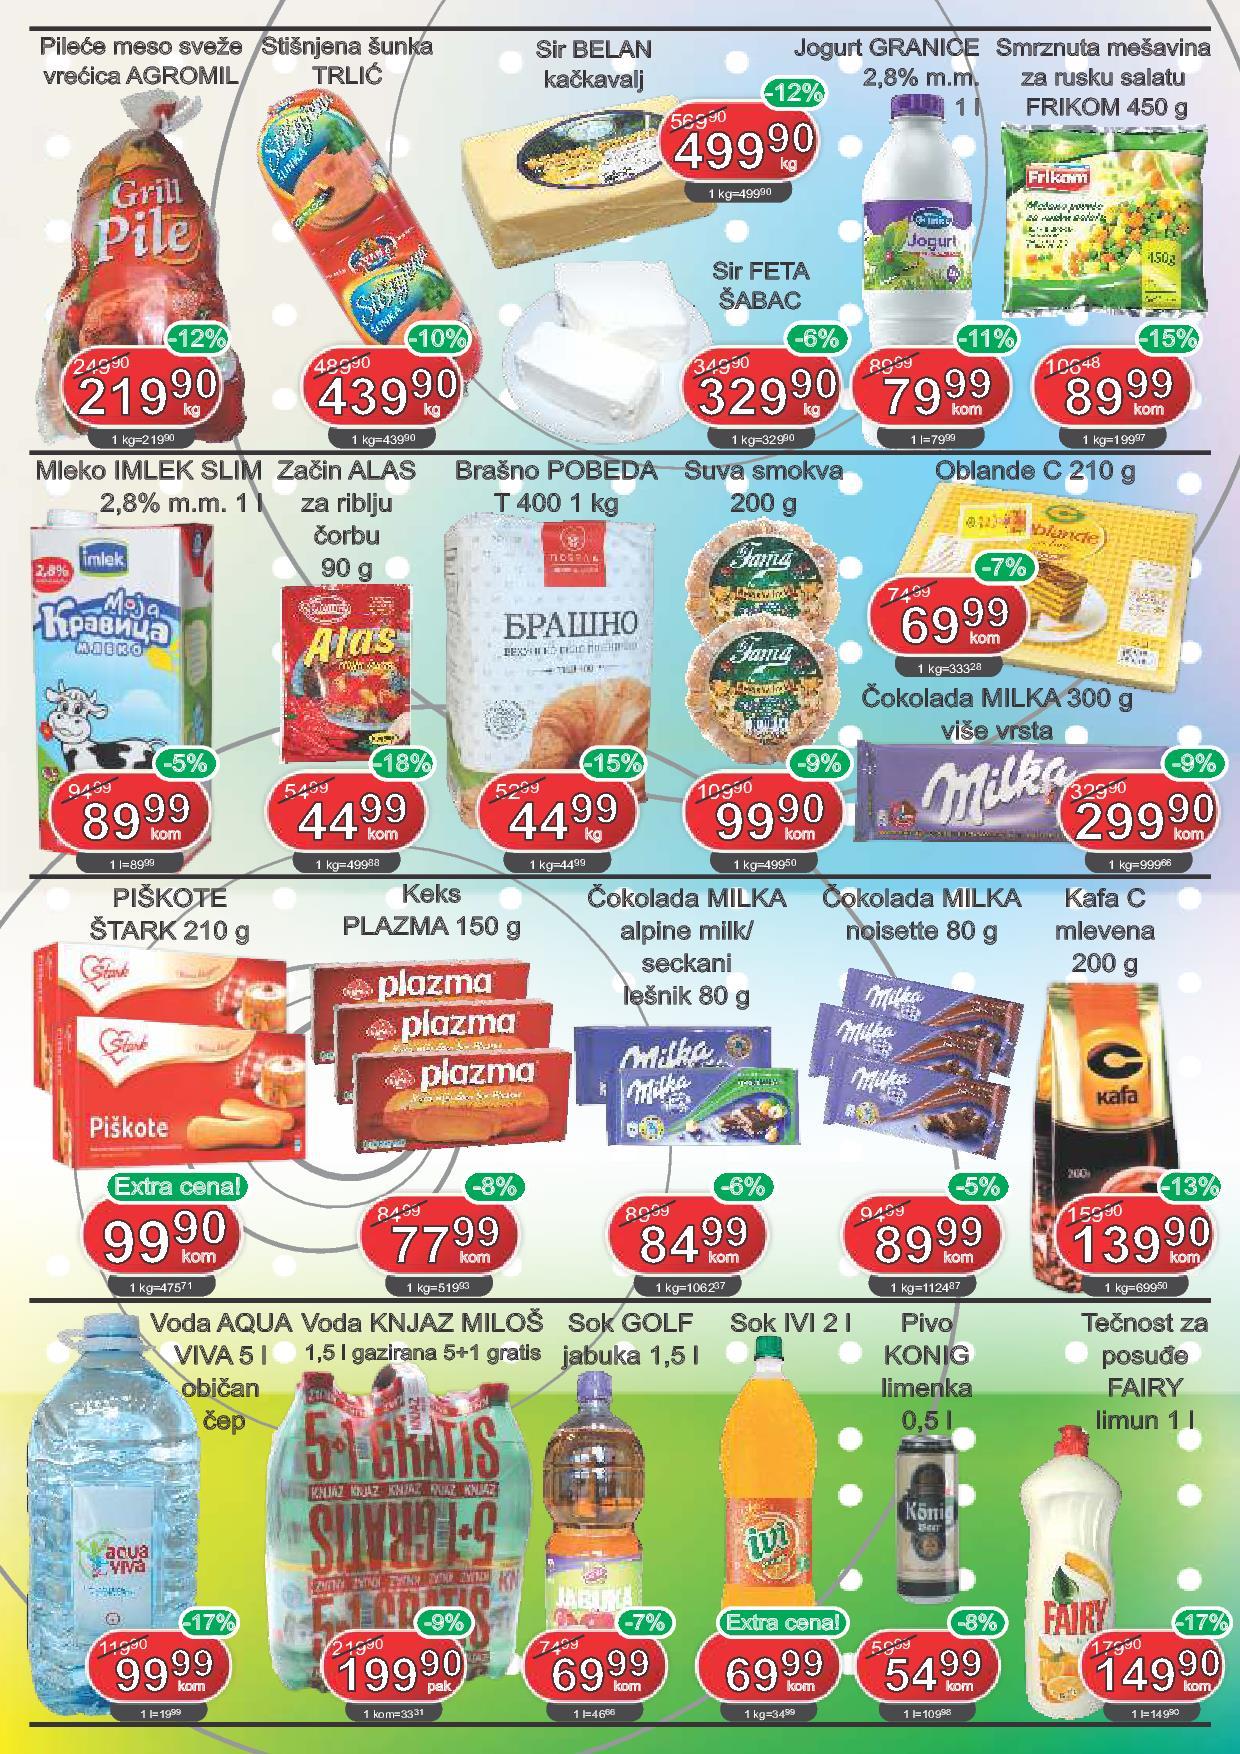 Fortuna market akcija odličnih cena